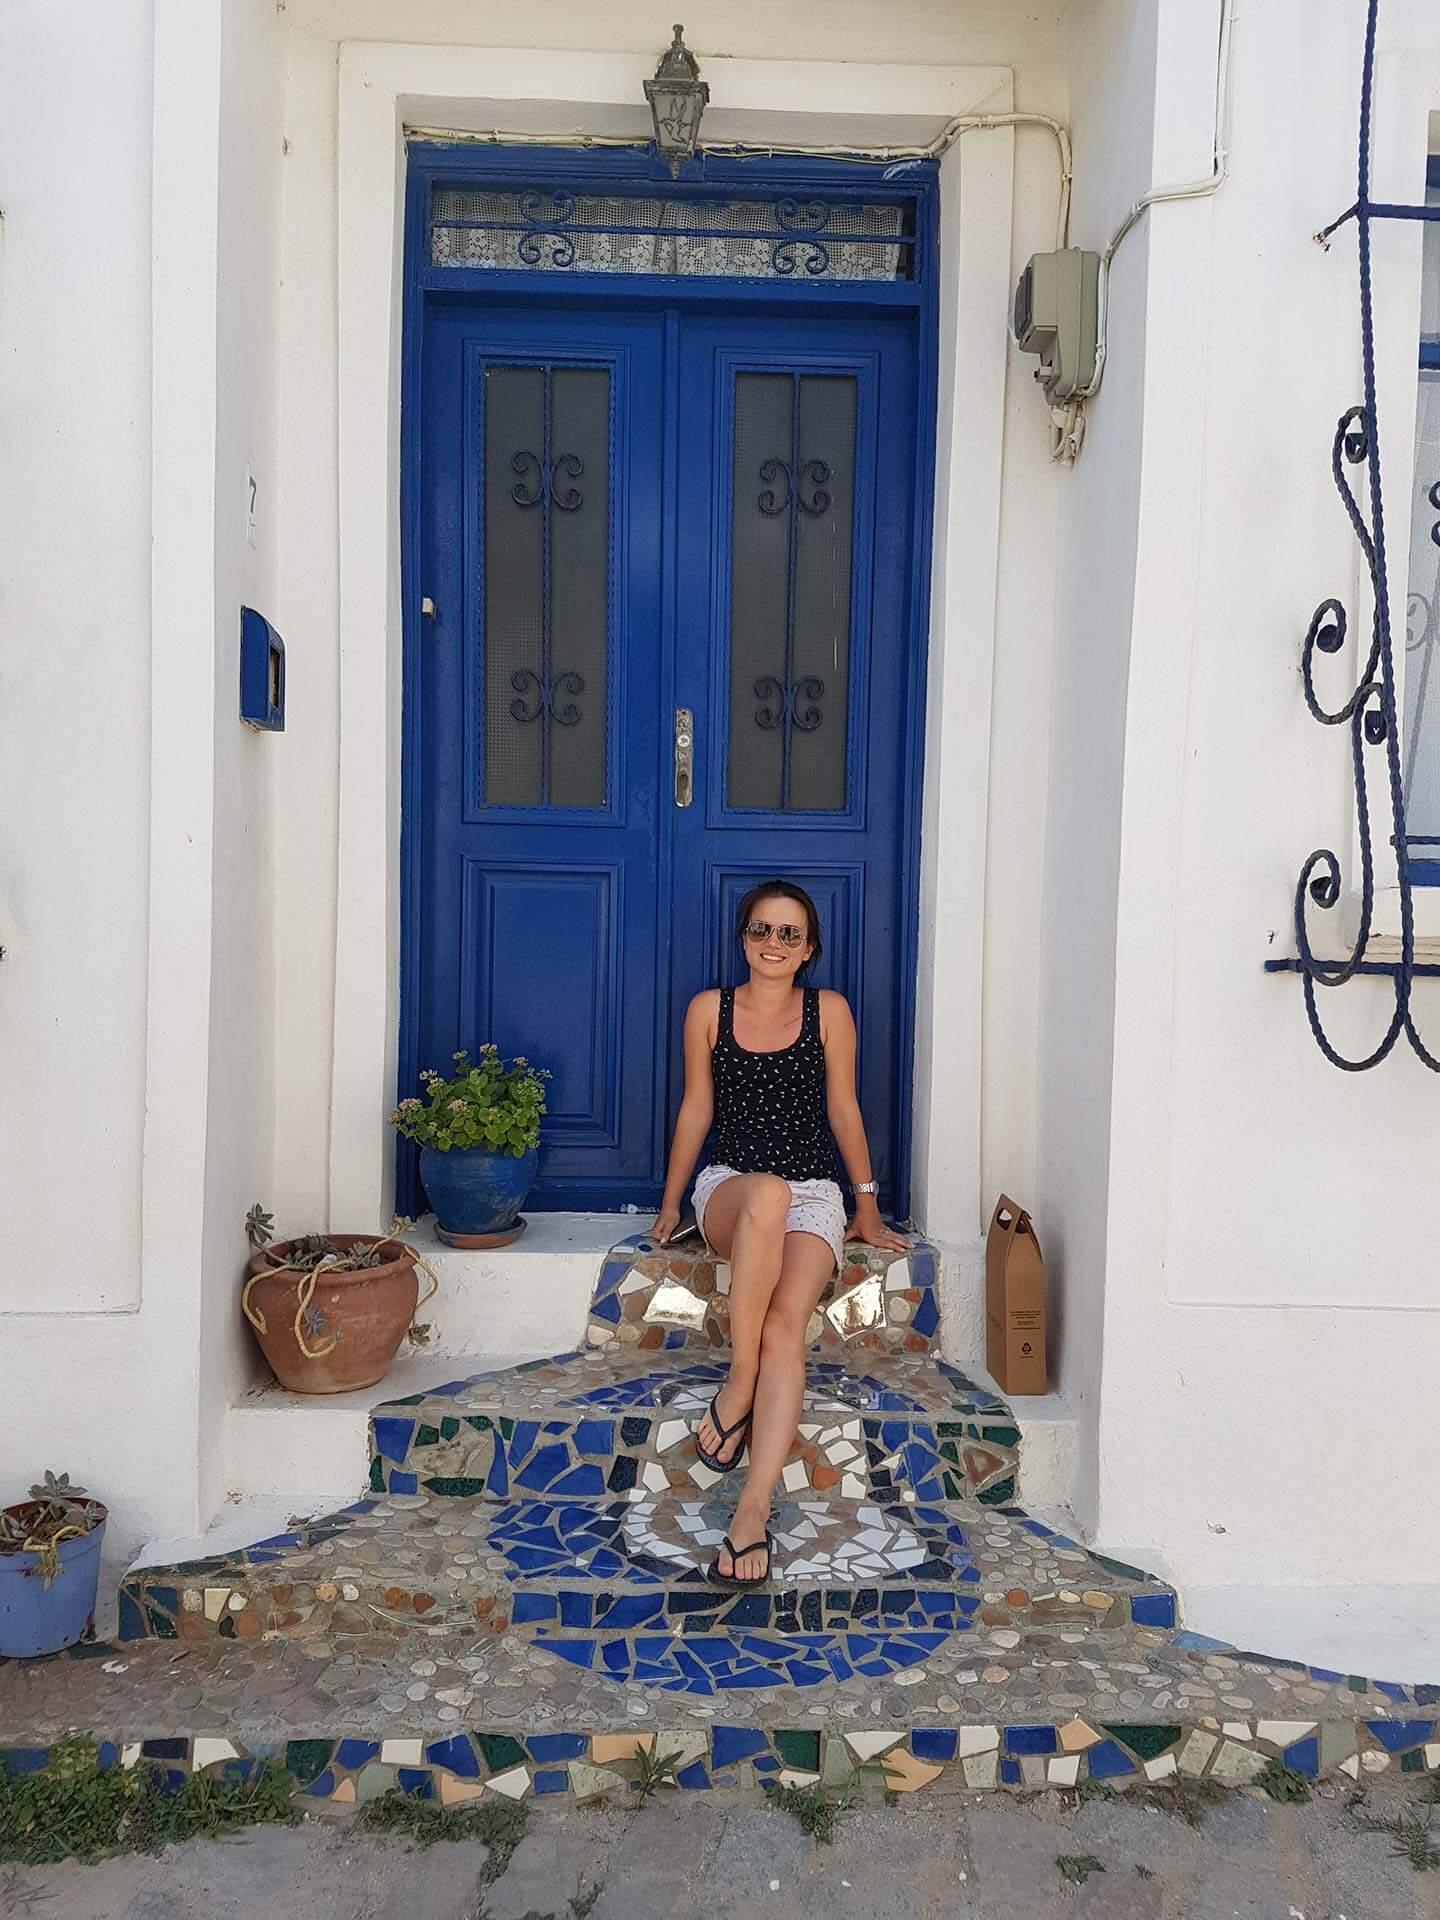 Bozcaada Gezilecek Yerler Sokaklar